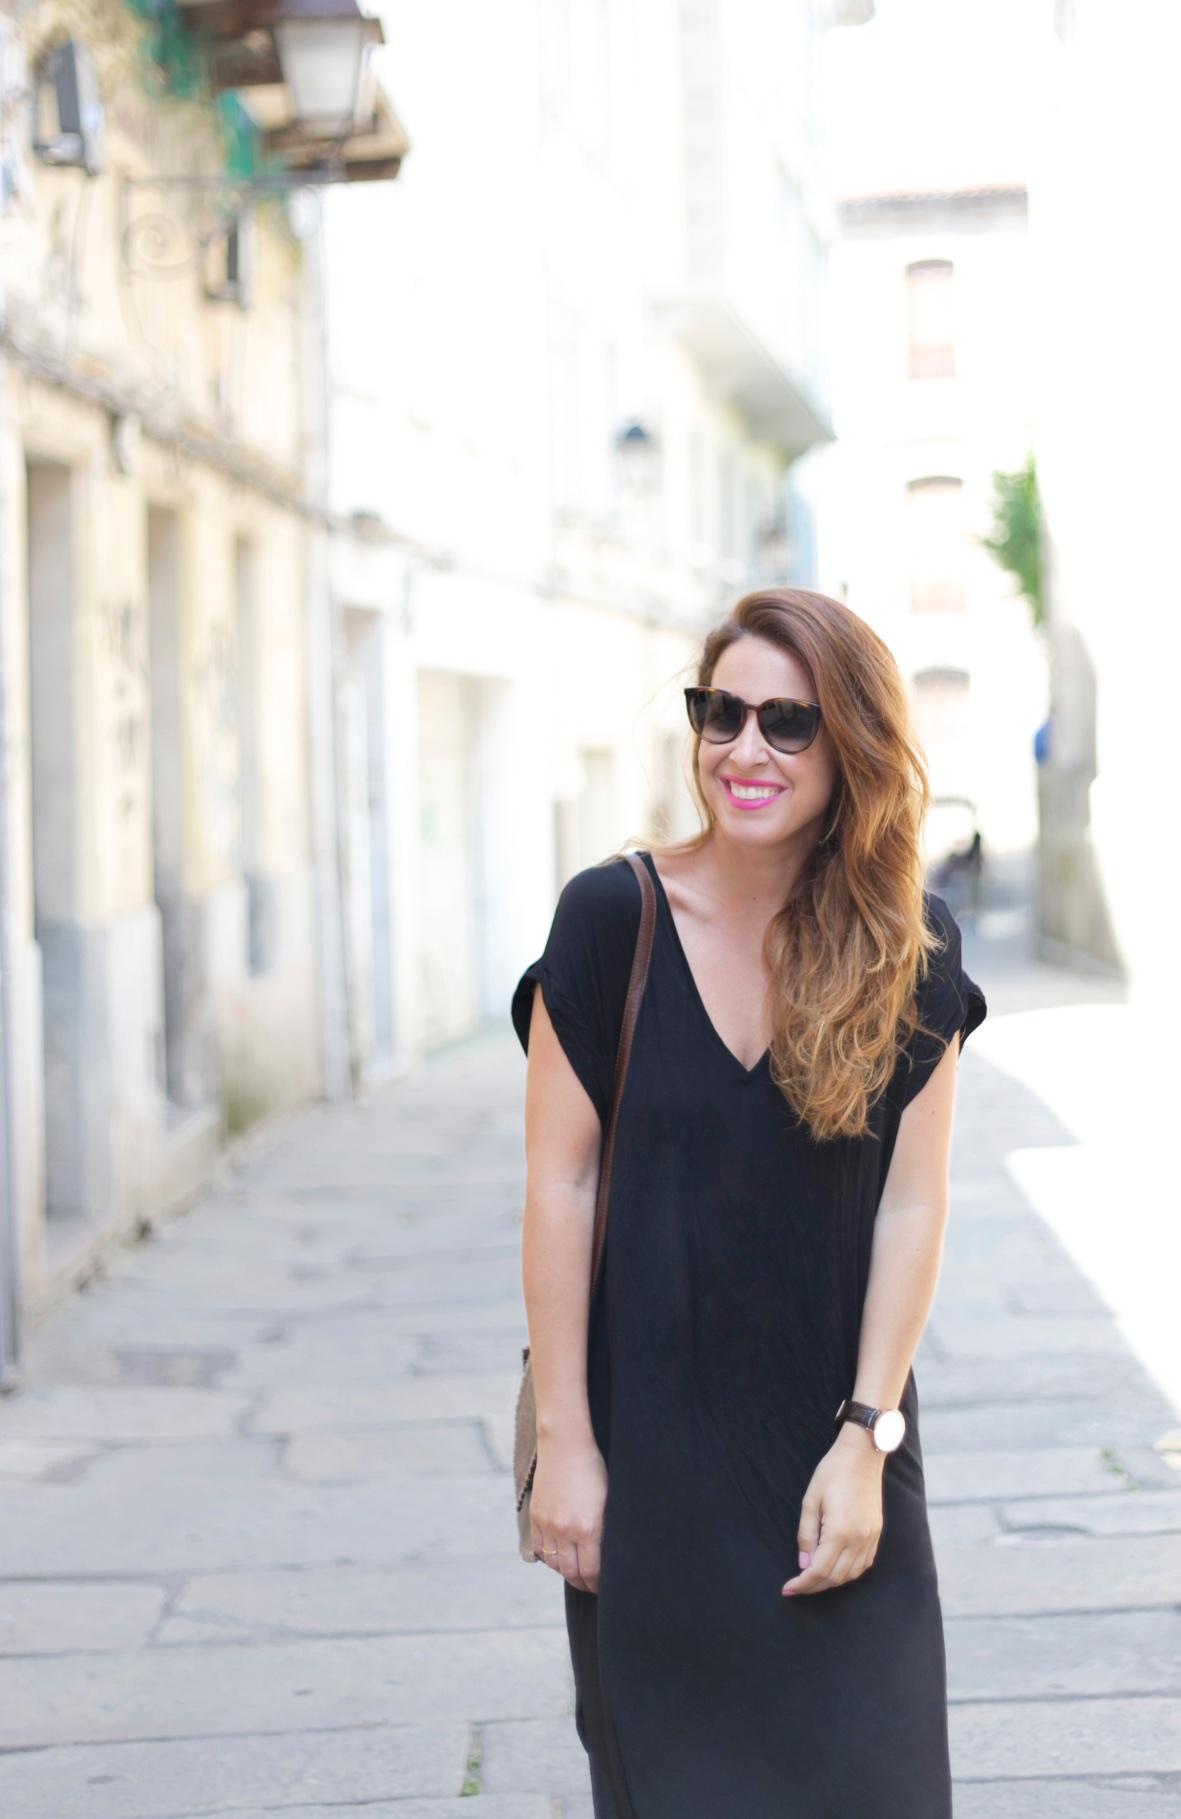 mommyblogger-descalzaporelparque-zara-look-coruña